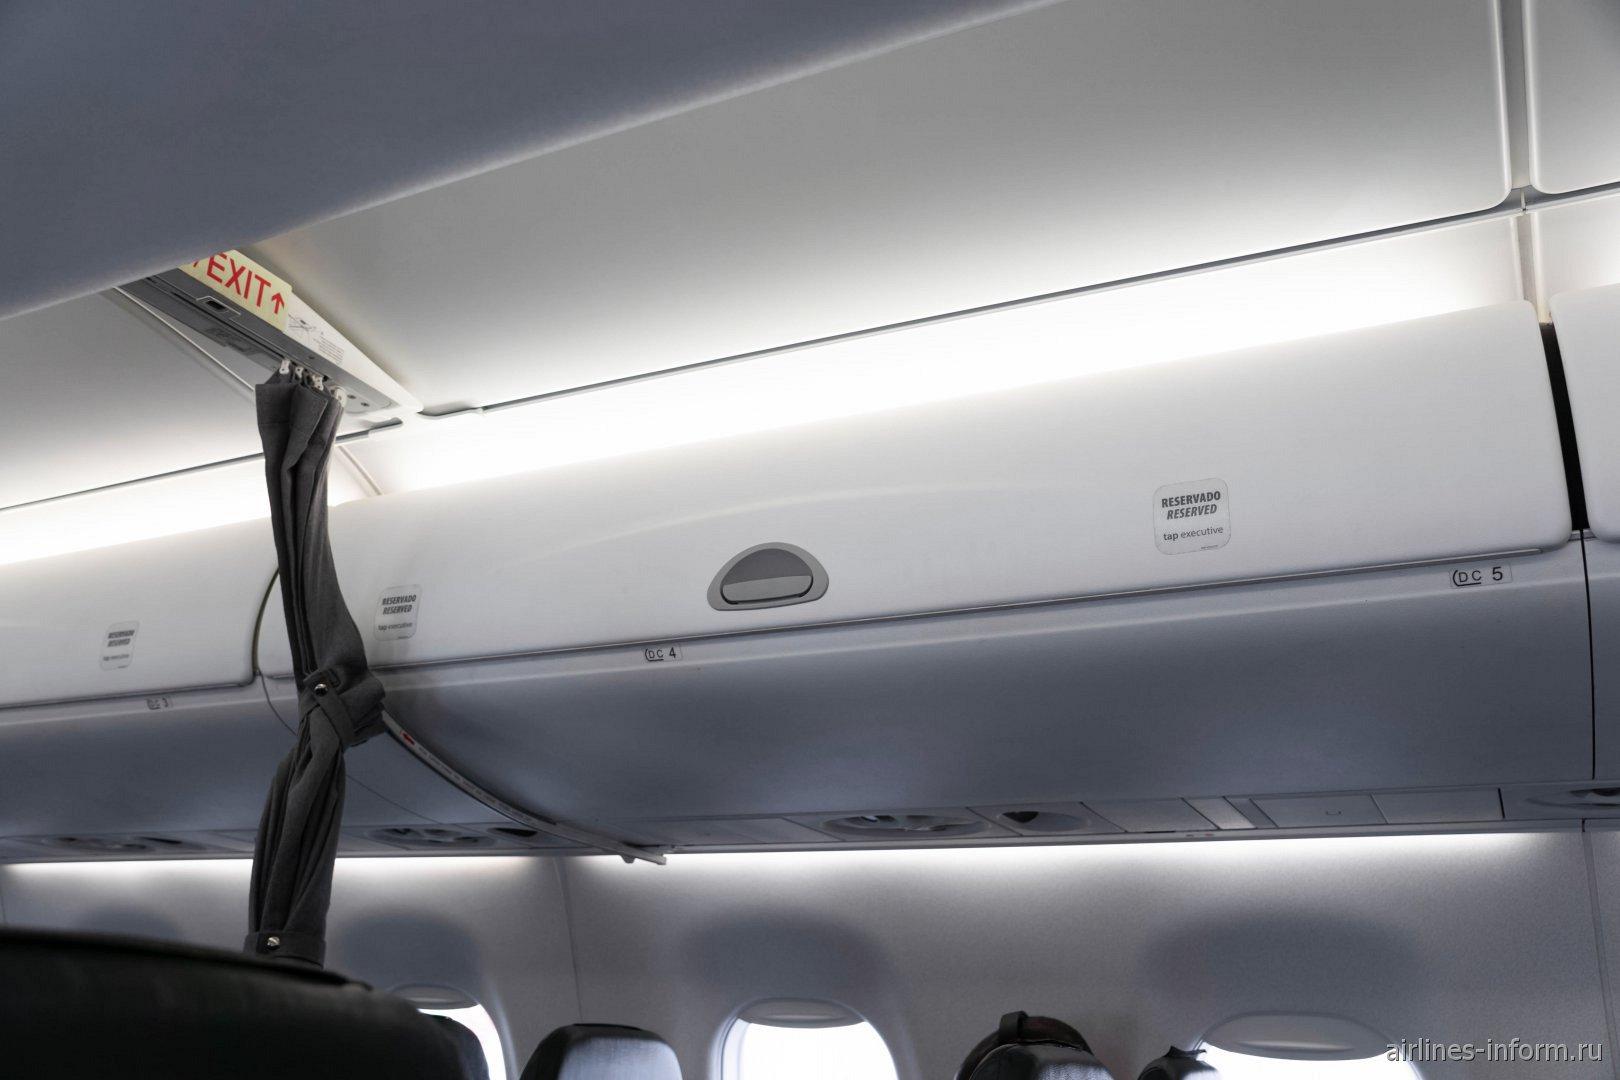 Багажные полки в самолете Embraer 190